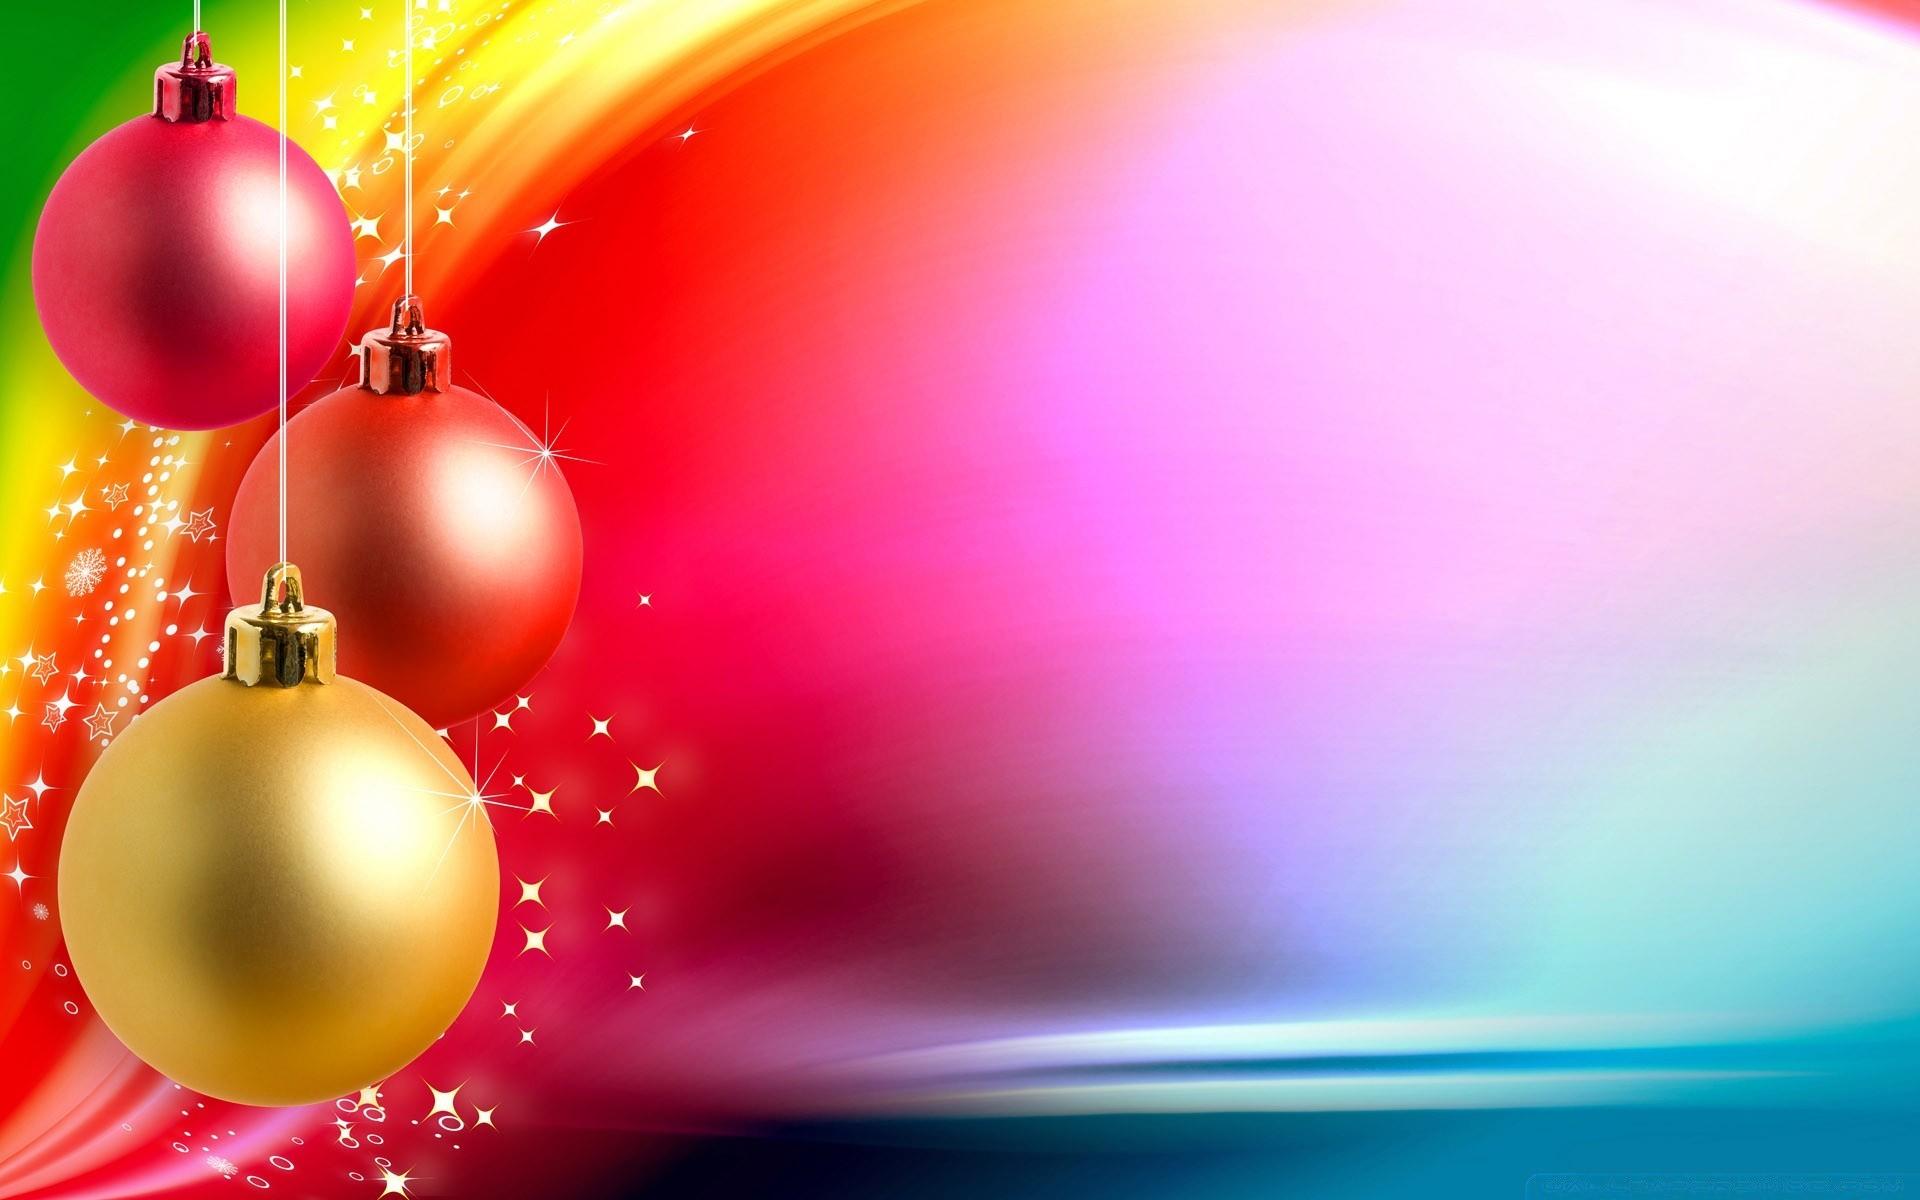 Фон новогодних открыток, юбилеем